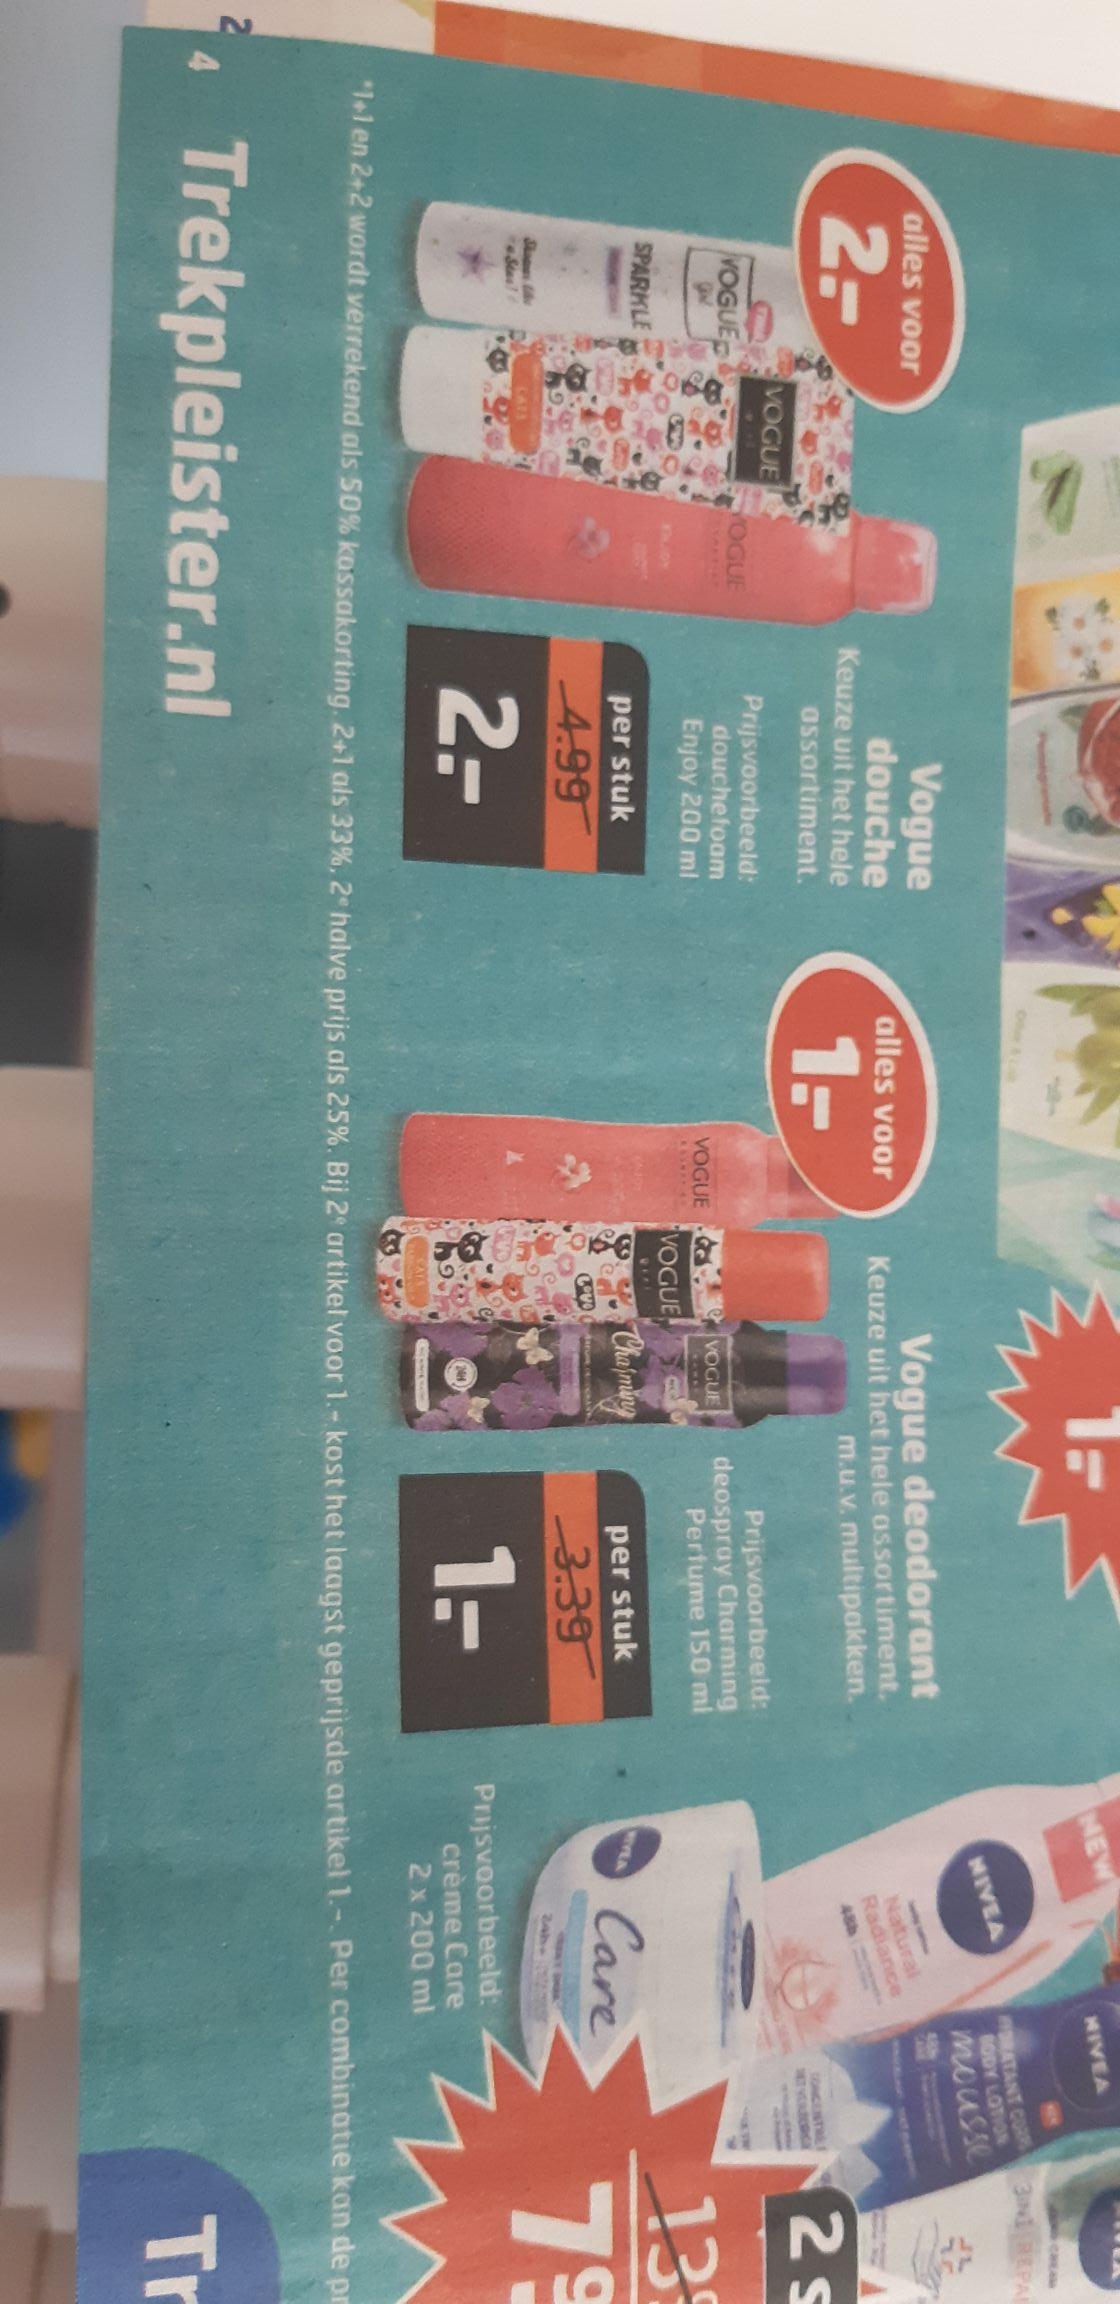 Trekpleister - Vogue deo nu alles 1€ en bijv. Vogue douche foam 2€